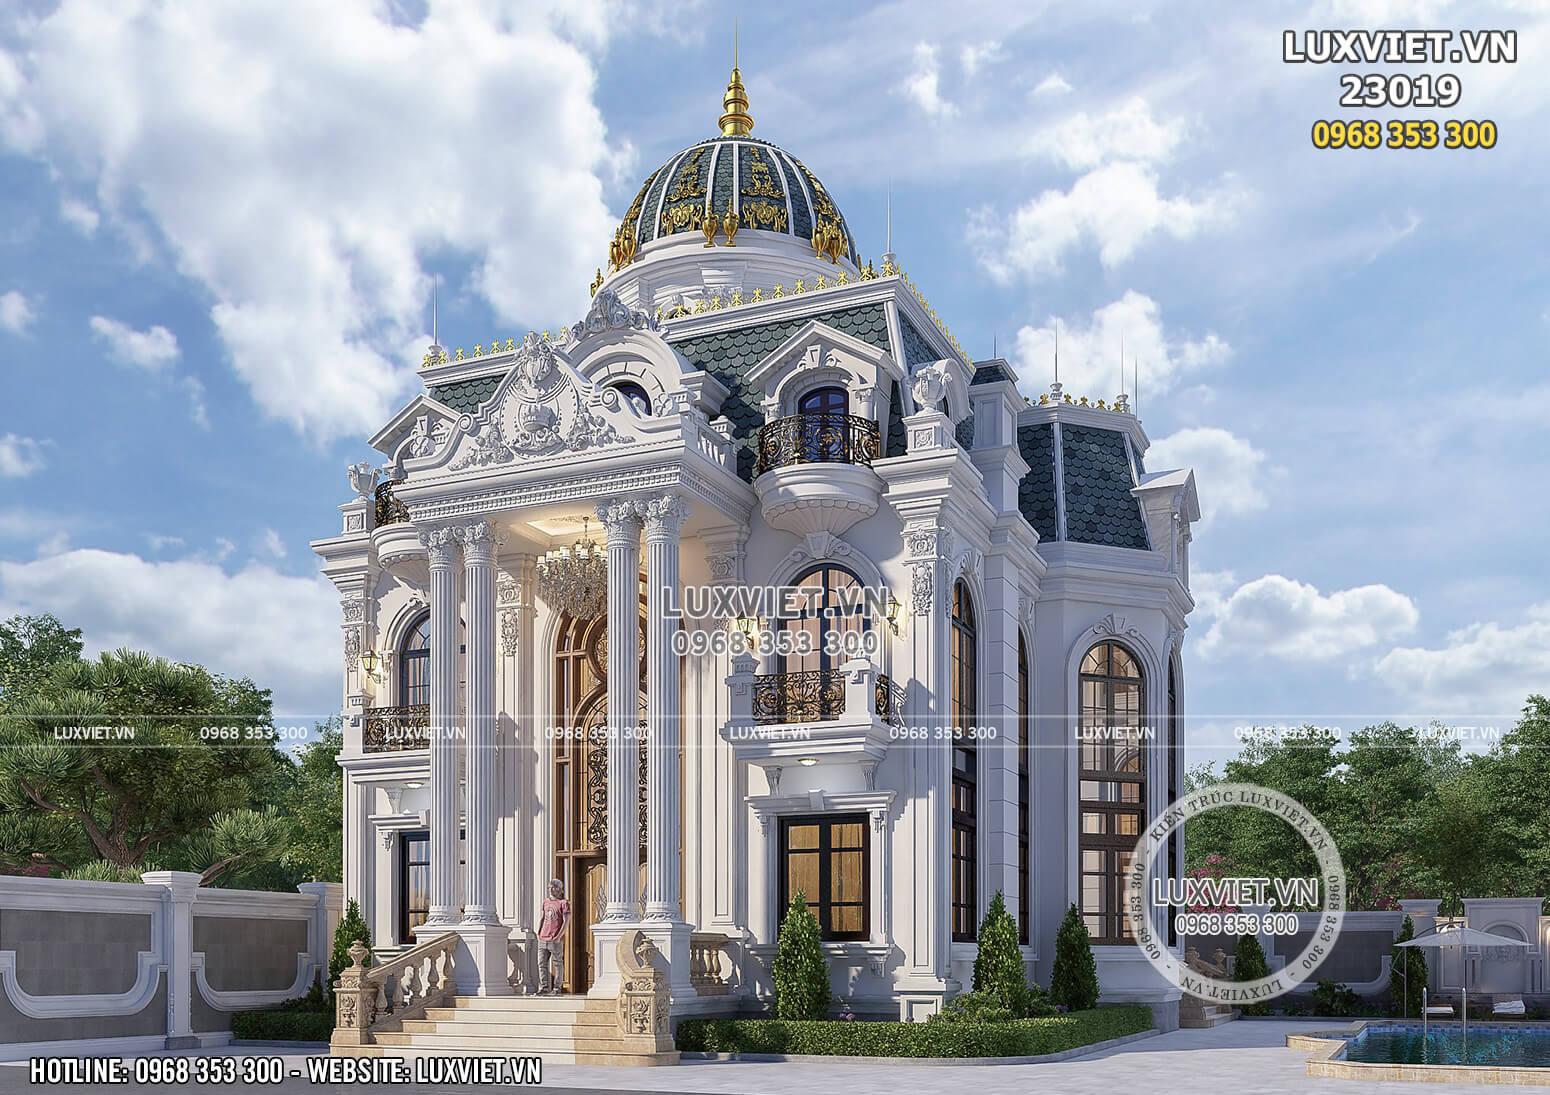 Hình ảnh: Thiết kế dinh thự tân cổ điển 2 tầng 1 tum đẹp hoàn mỹ - LV 23019